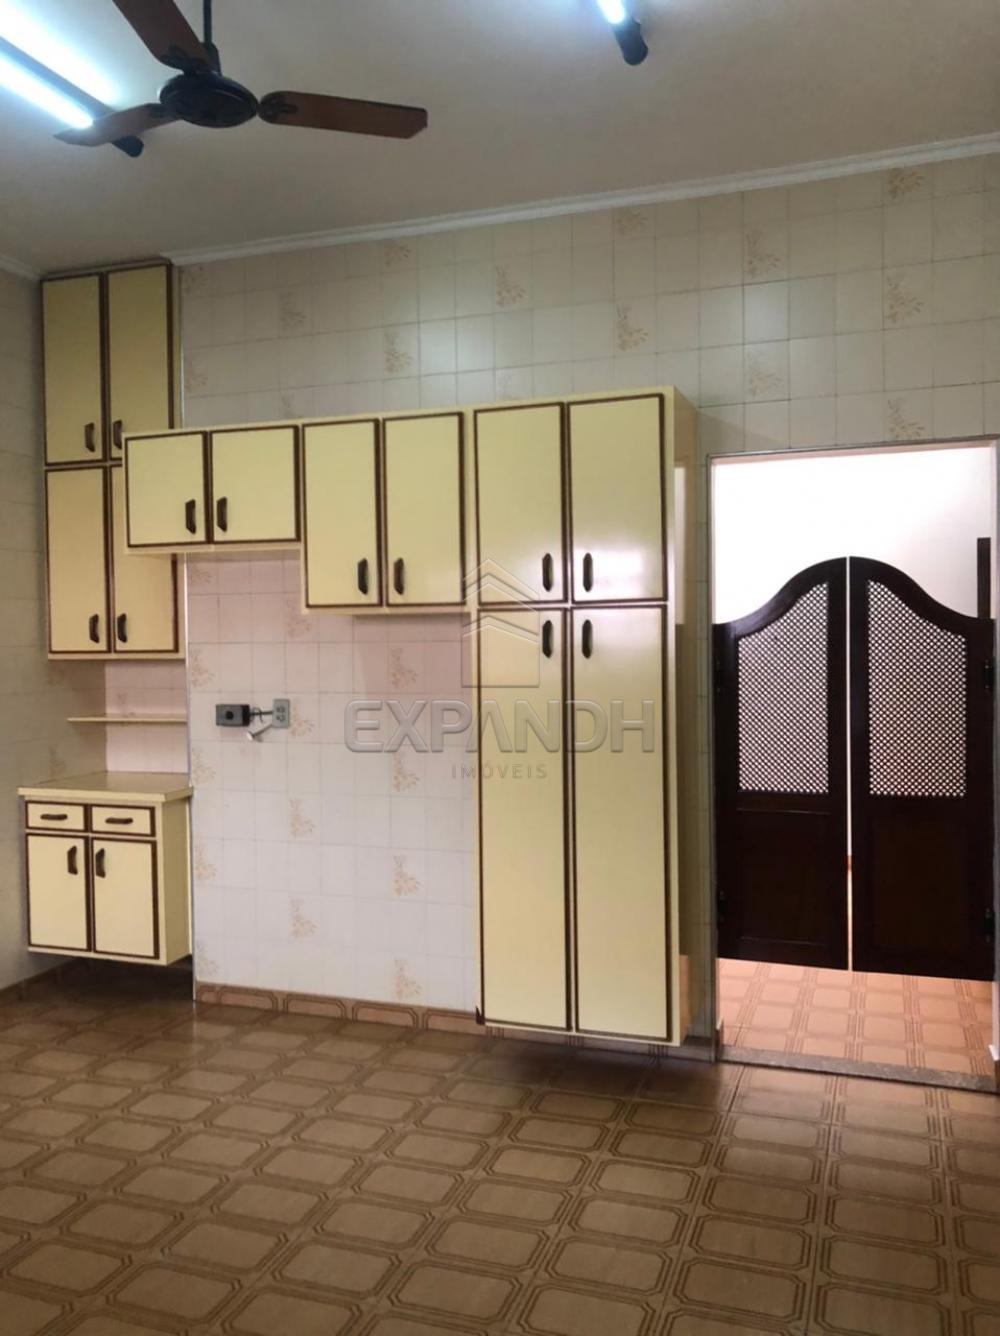 Alugar Casas / Padrão em Sertãozinho R$ 1.600,00 - Foto 22